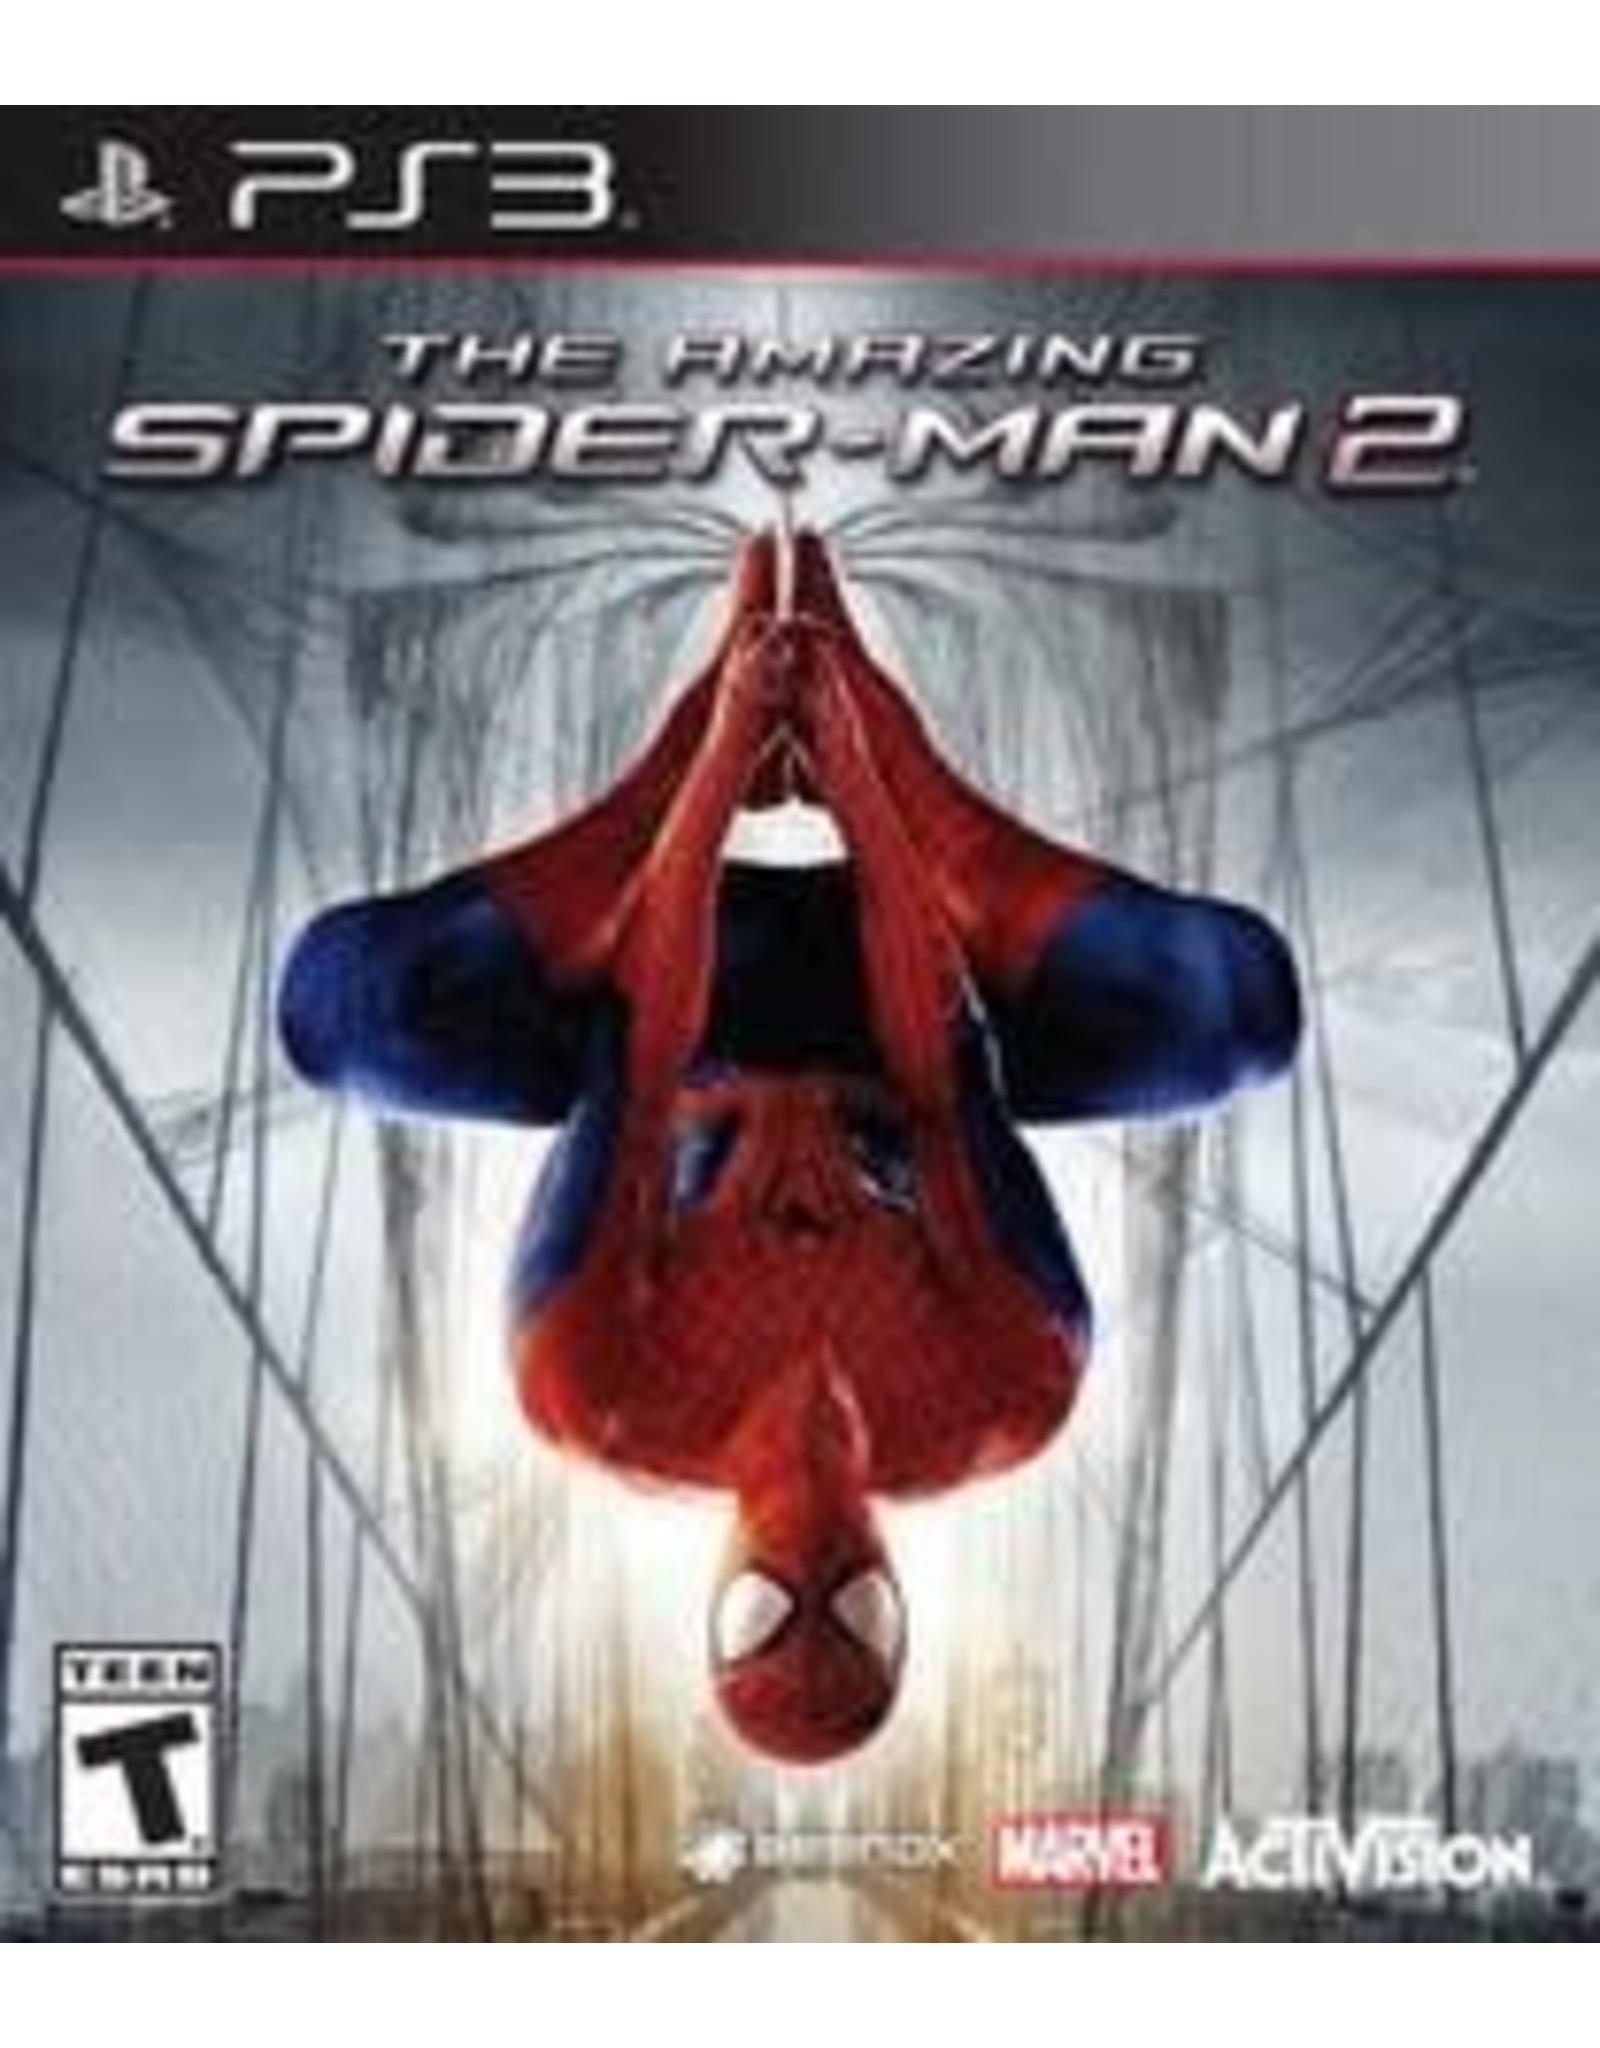 Playstation 3 Amazing Spider-Man 2 (CiB)